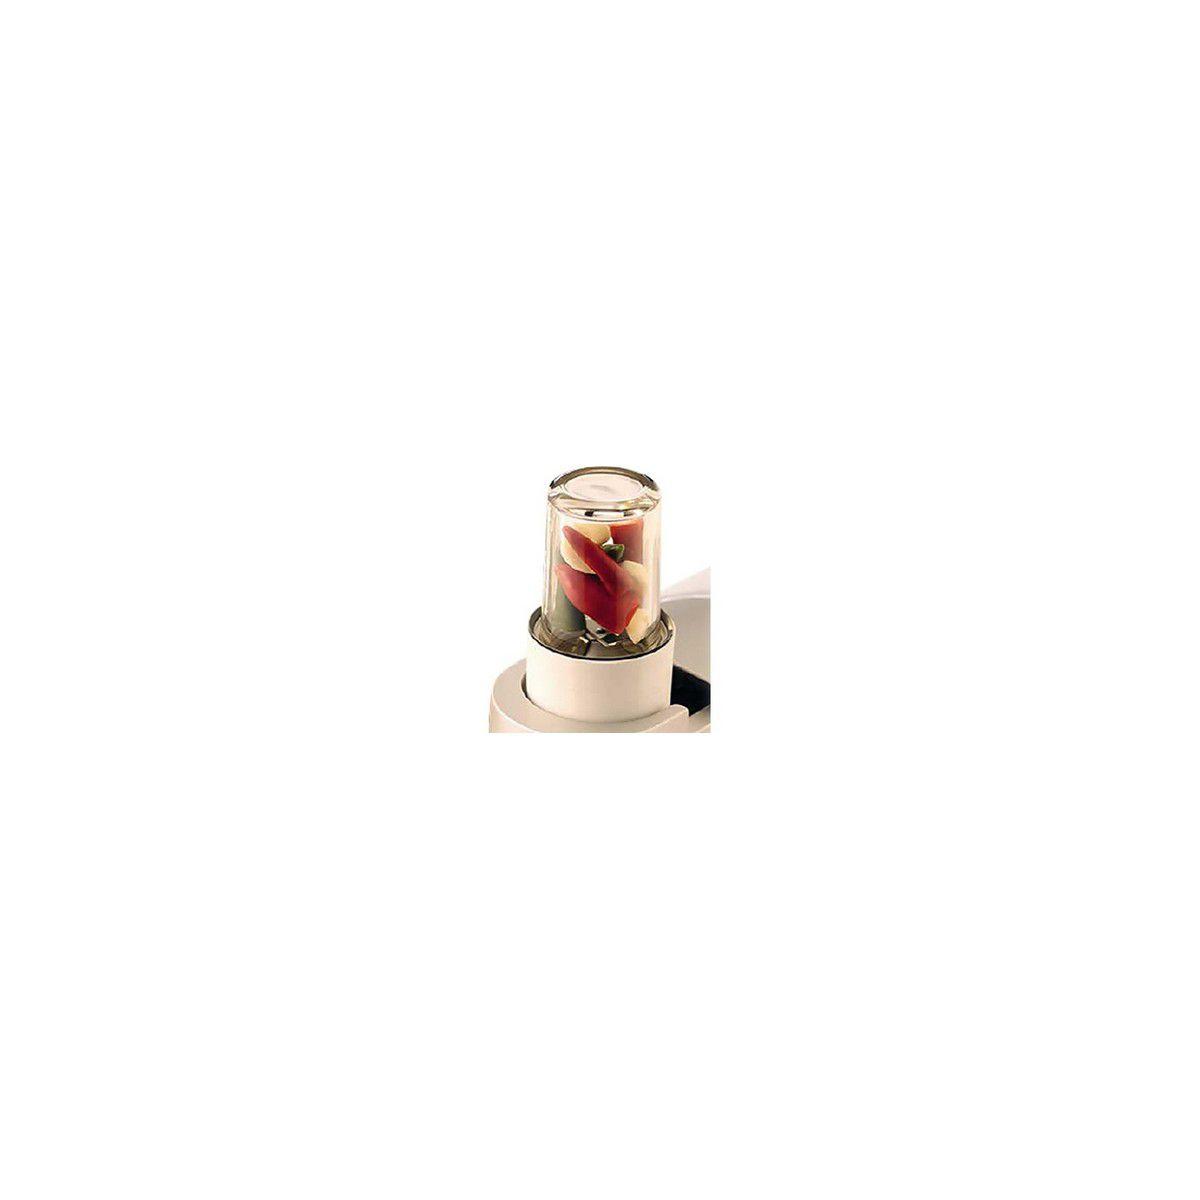 Accessoire kenwood major et chef mini-cuves en verre - at320b - livraison offerte : code liv